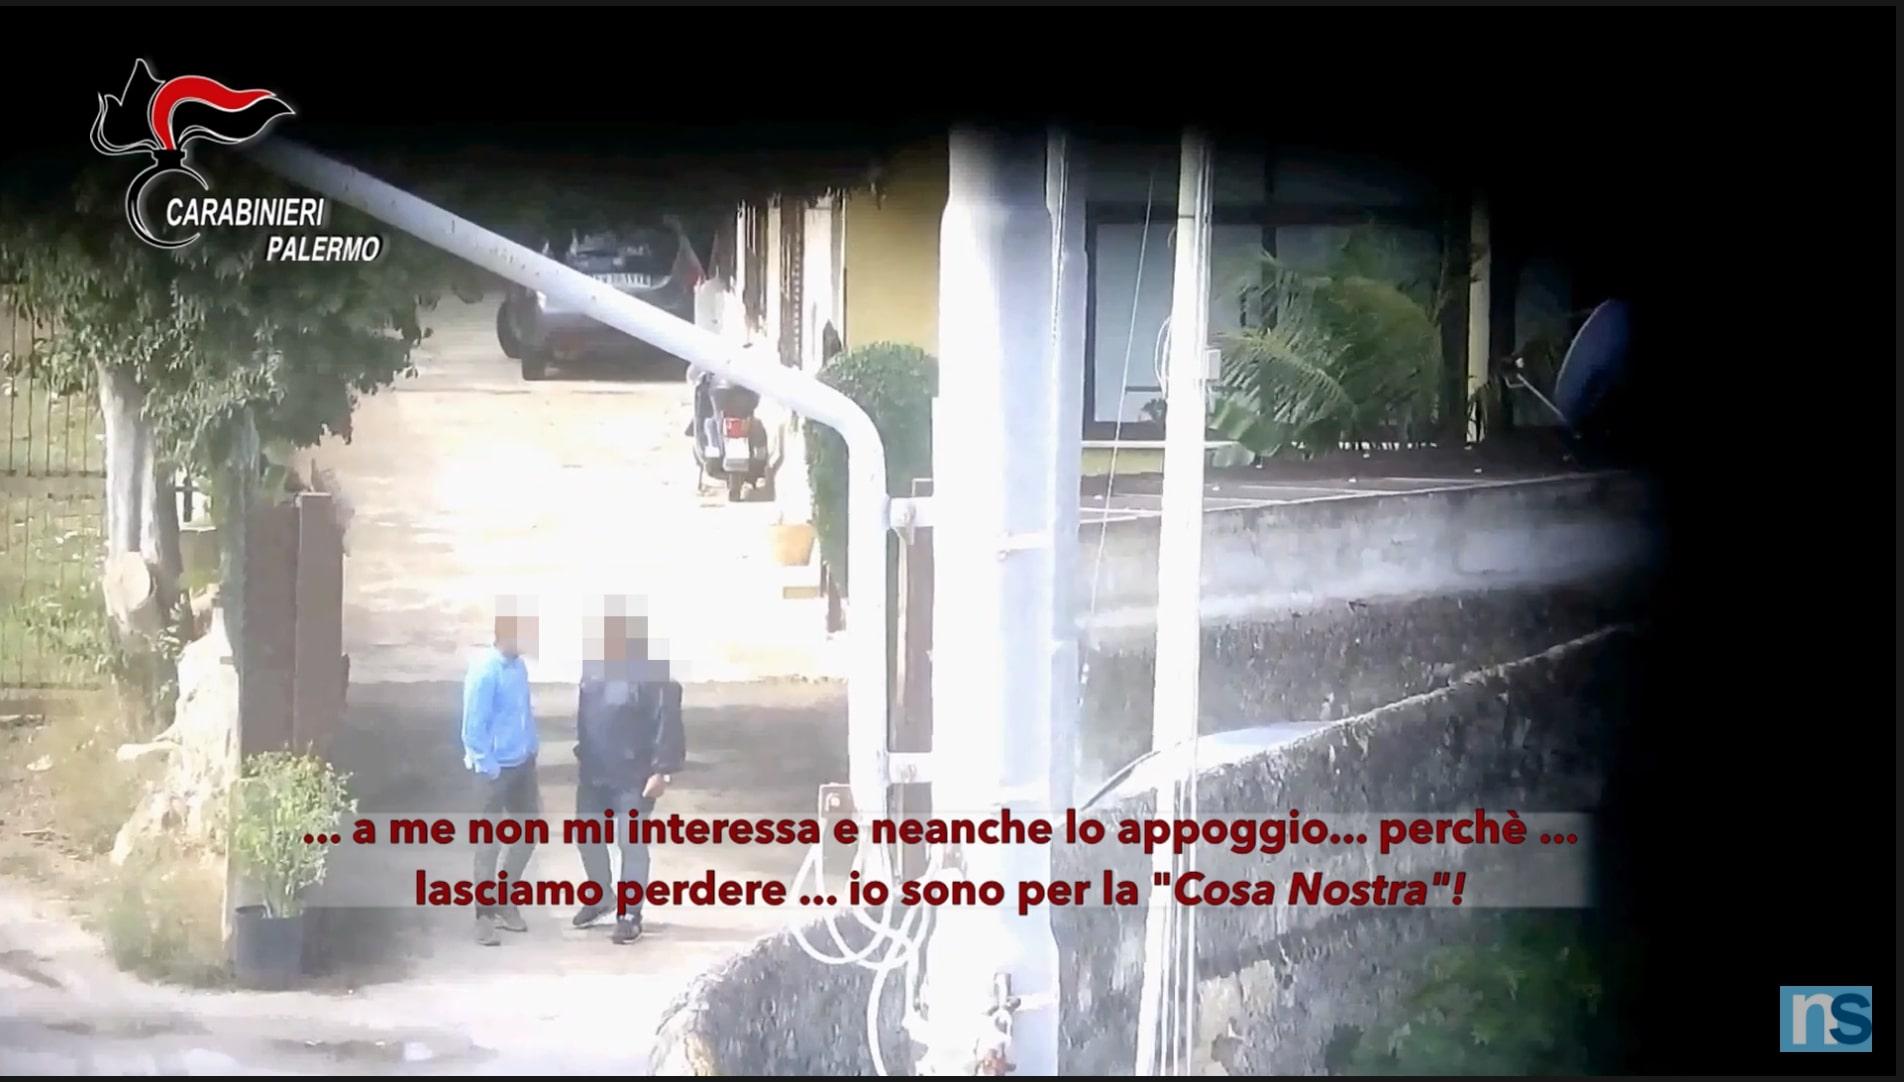 Palermo, la composizione di vertice del mandamento di Tommaso Natale: Cosa Nostra a un bivio – DETTAGLI e INTERCETTAZIONI